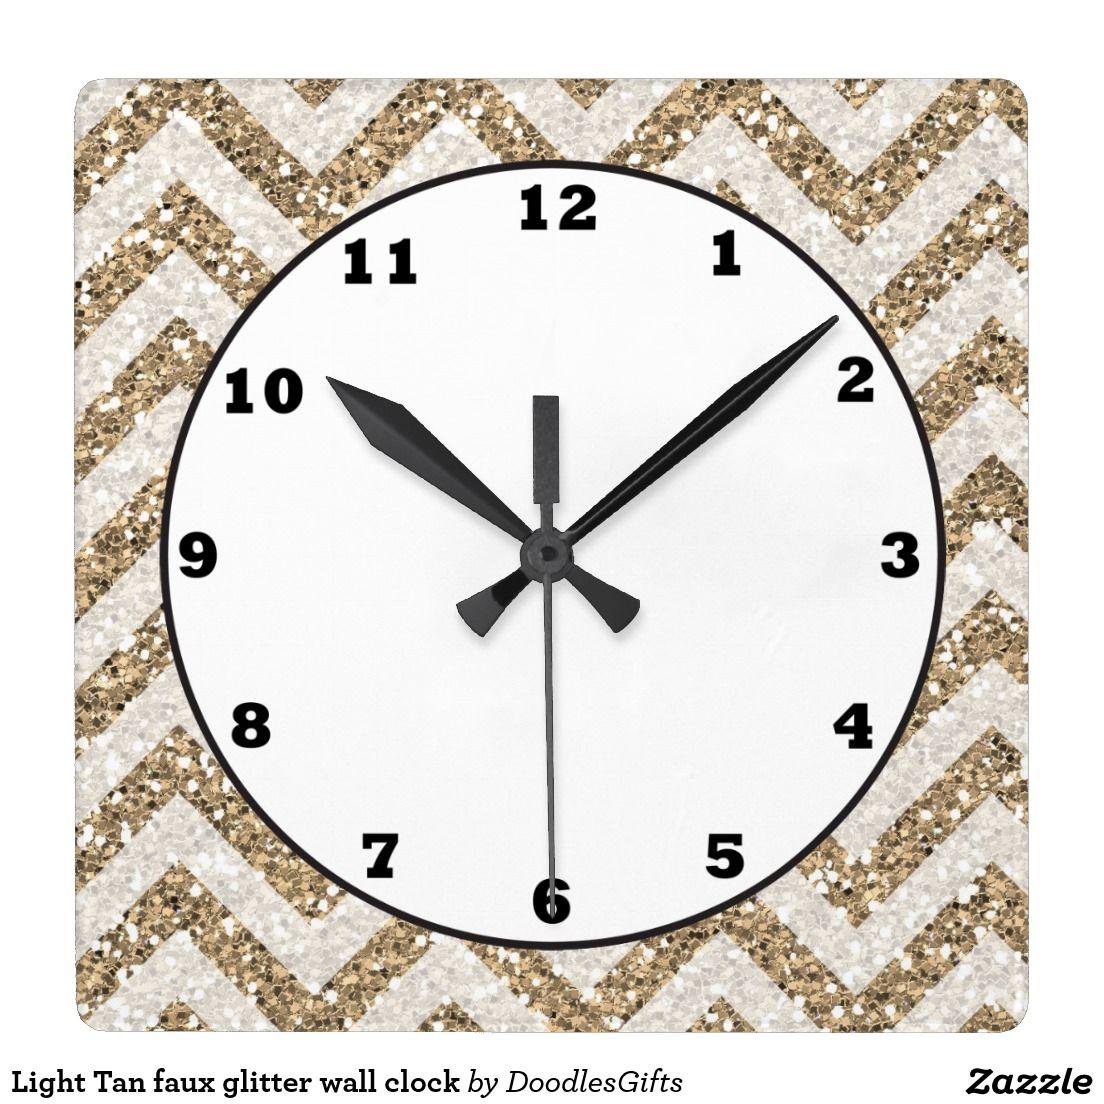 Light Tan faux glitter wall clock